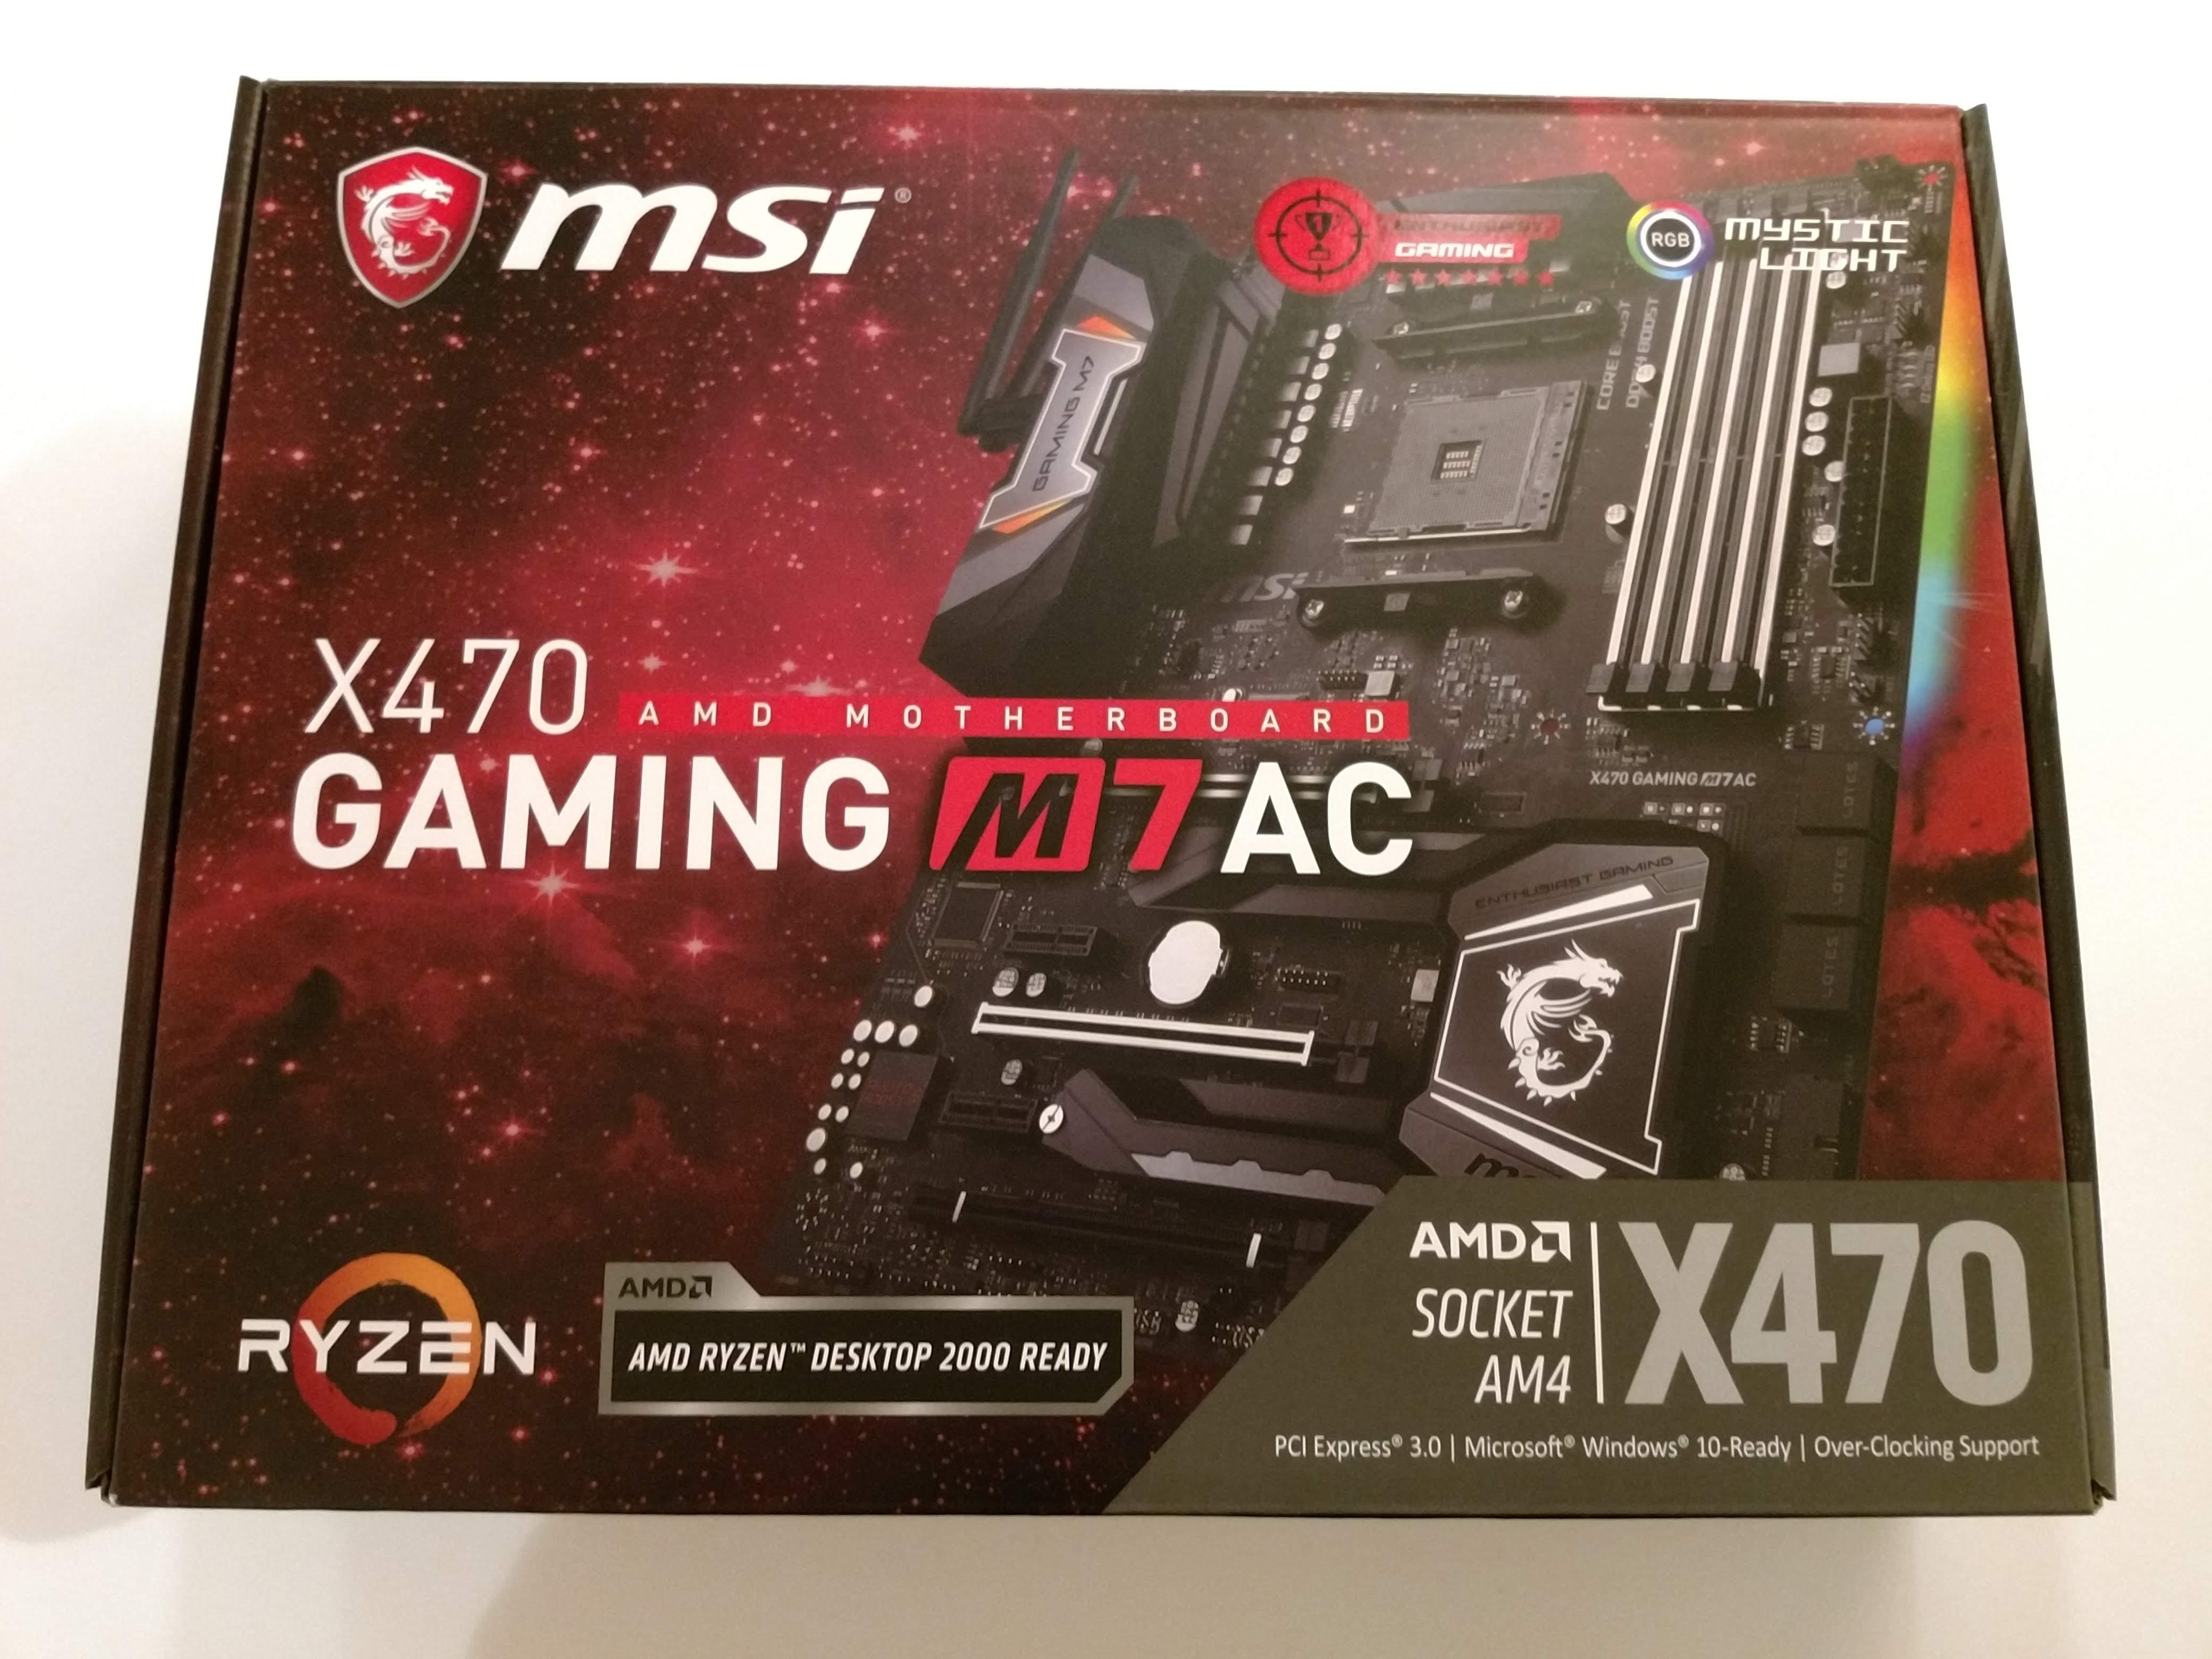 Klicken Sie auf die Grafik für eine größere Ansicht  Name:2. MSI X470 Gaming M7 AC Verpackung Vorderseite.jpg Hits:31 Größe:1,05 MB ID:1000574